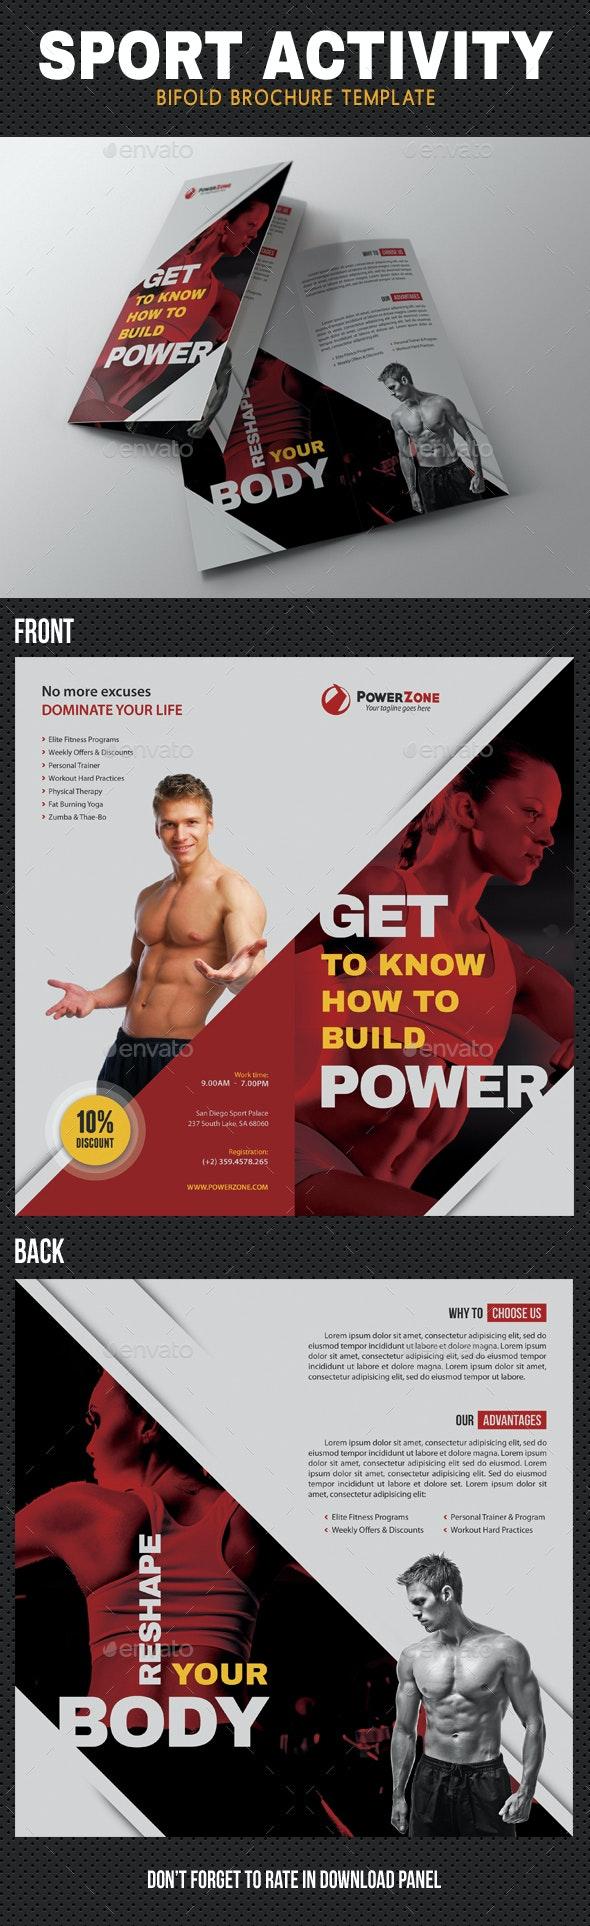 Sport Activity Bifold Brochure 02 - Brochures Print Templates